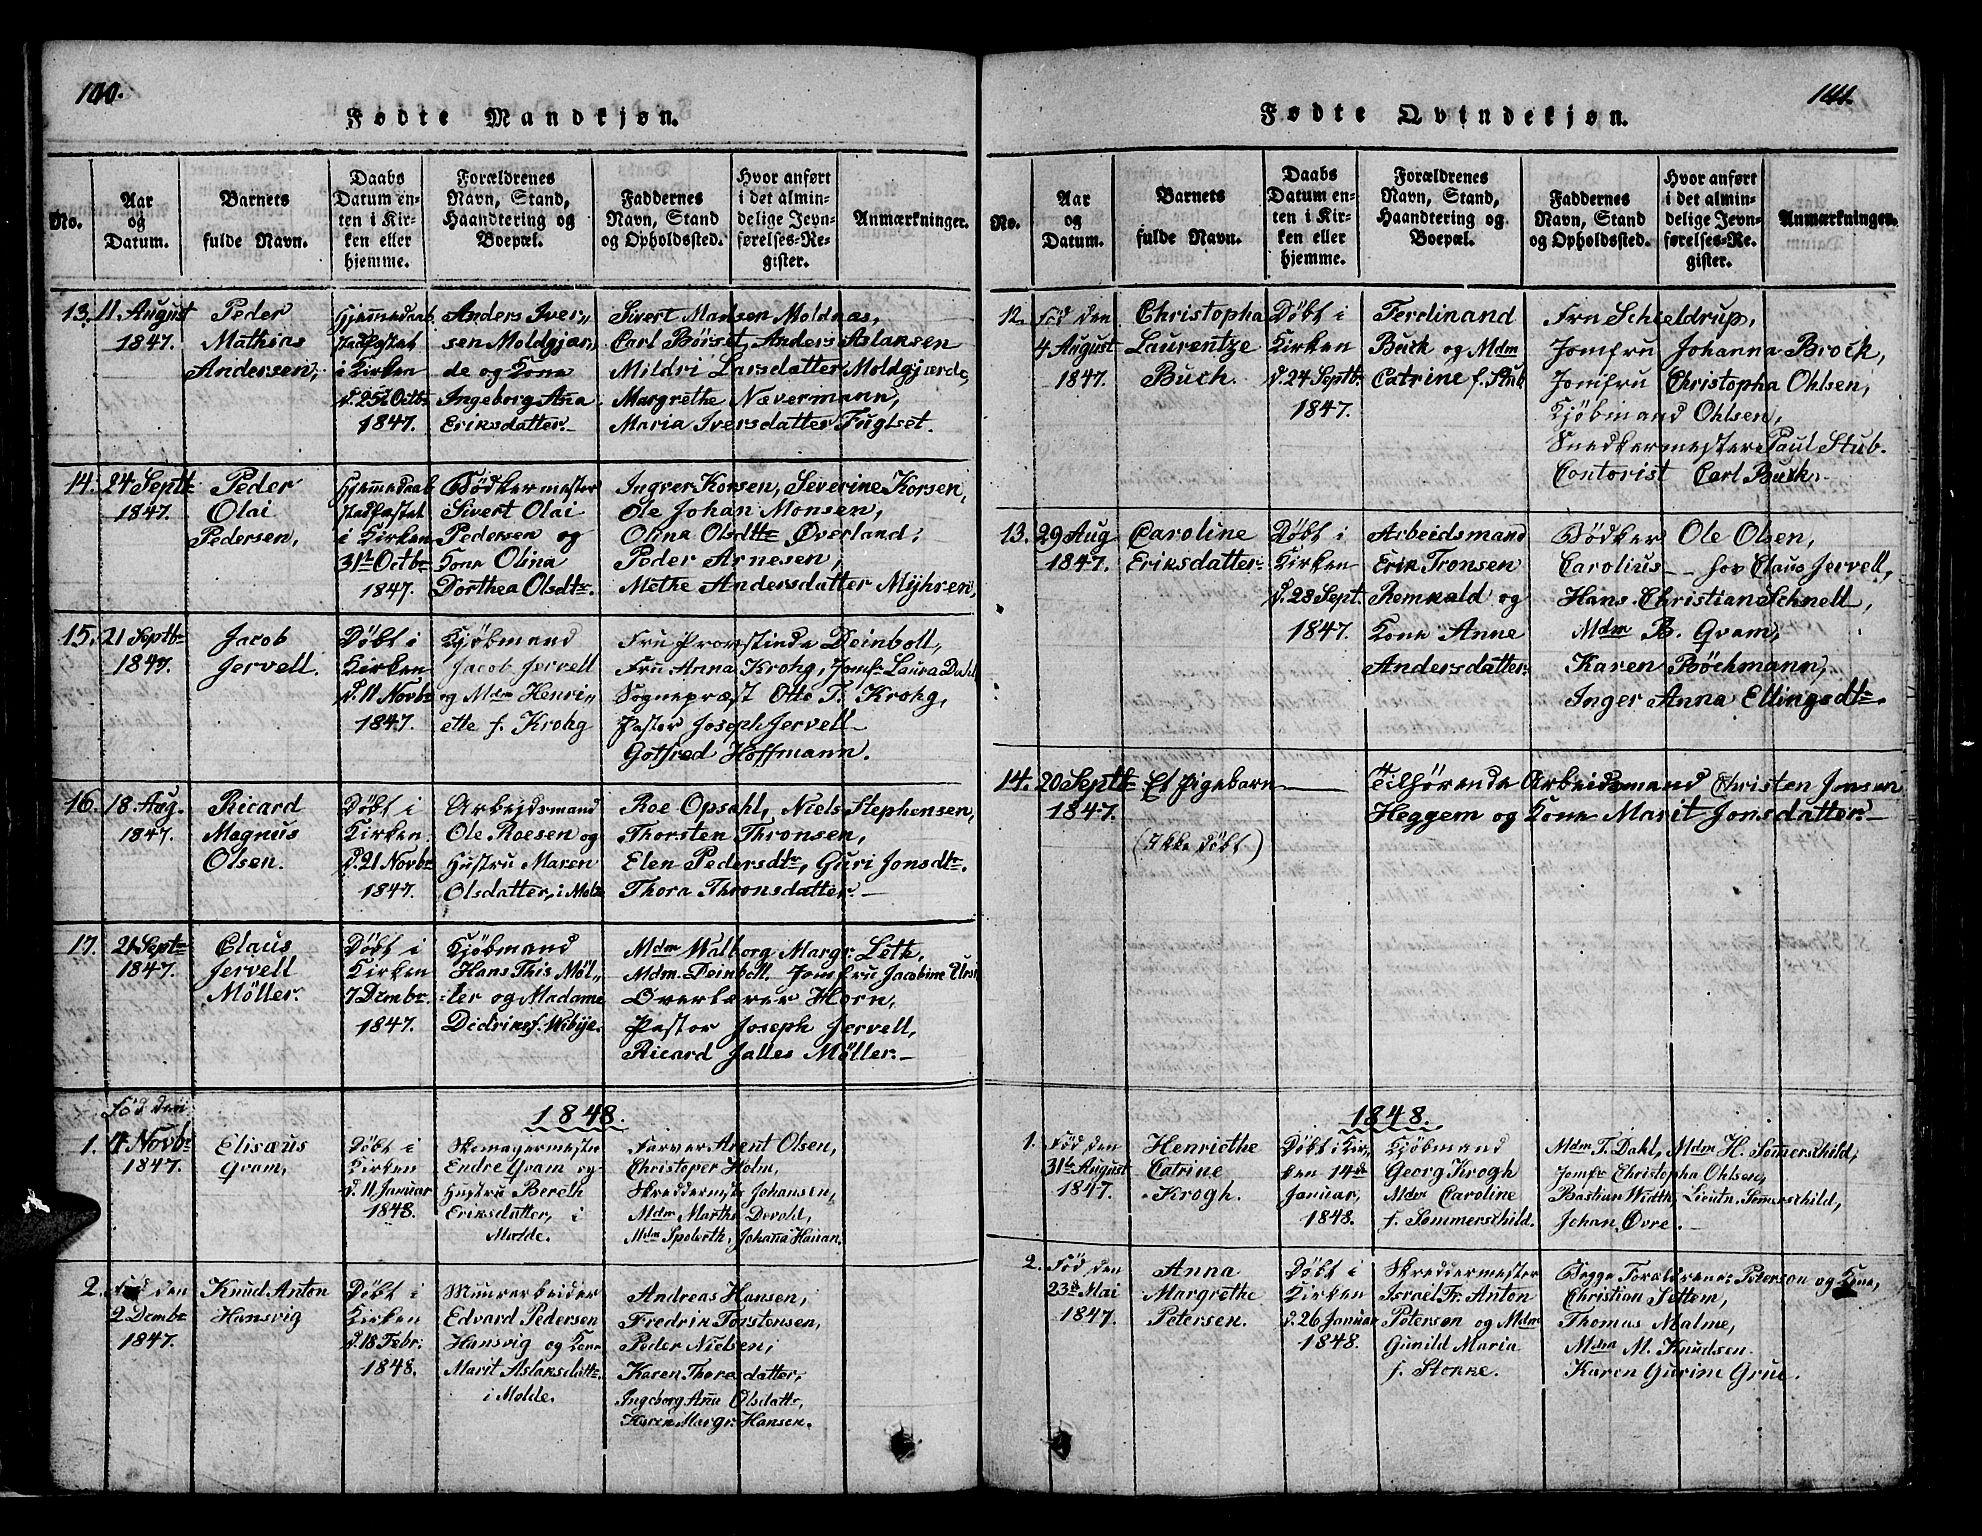 SAT, Ministerialprotokoller, klokkerbøker og fødselsregistre - Møre og Romsdal, 558/L0700: Klokkerbok nr. 558C01, 1818-1868, s. 140-141